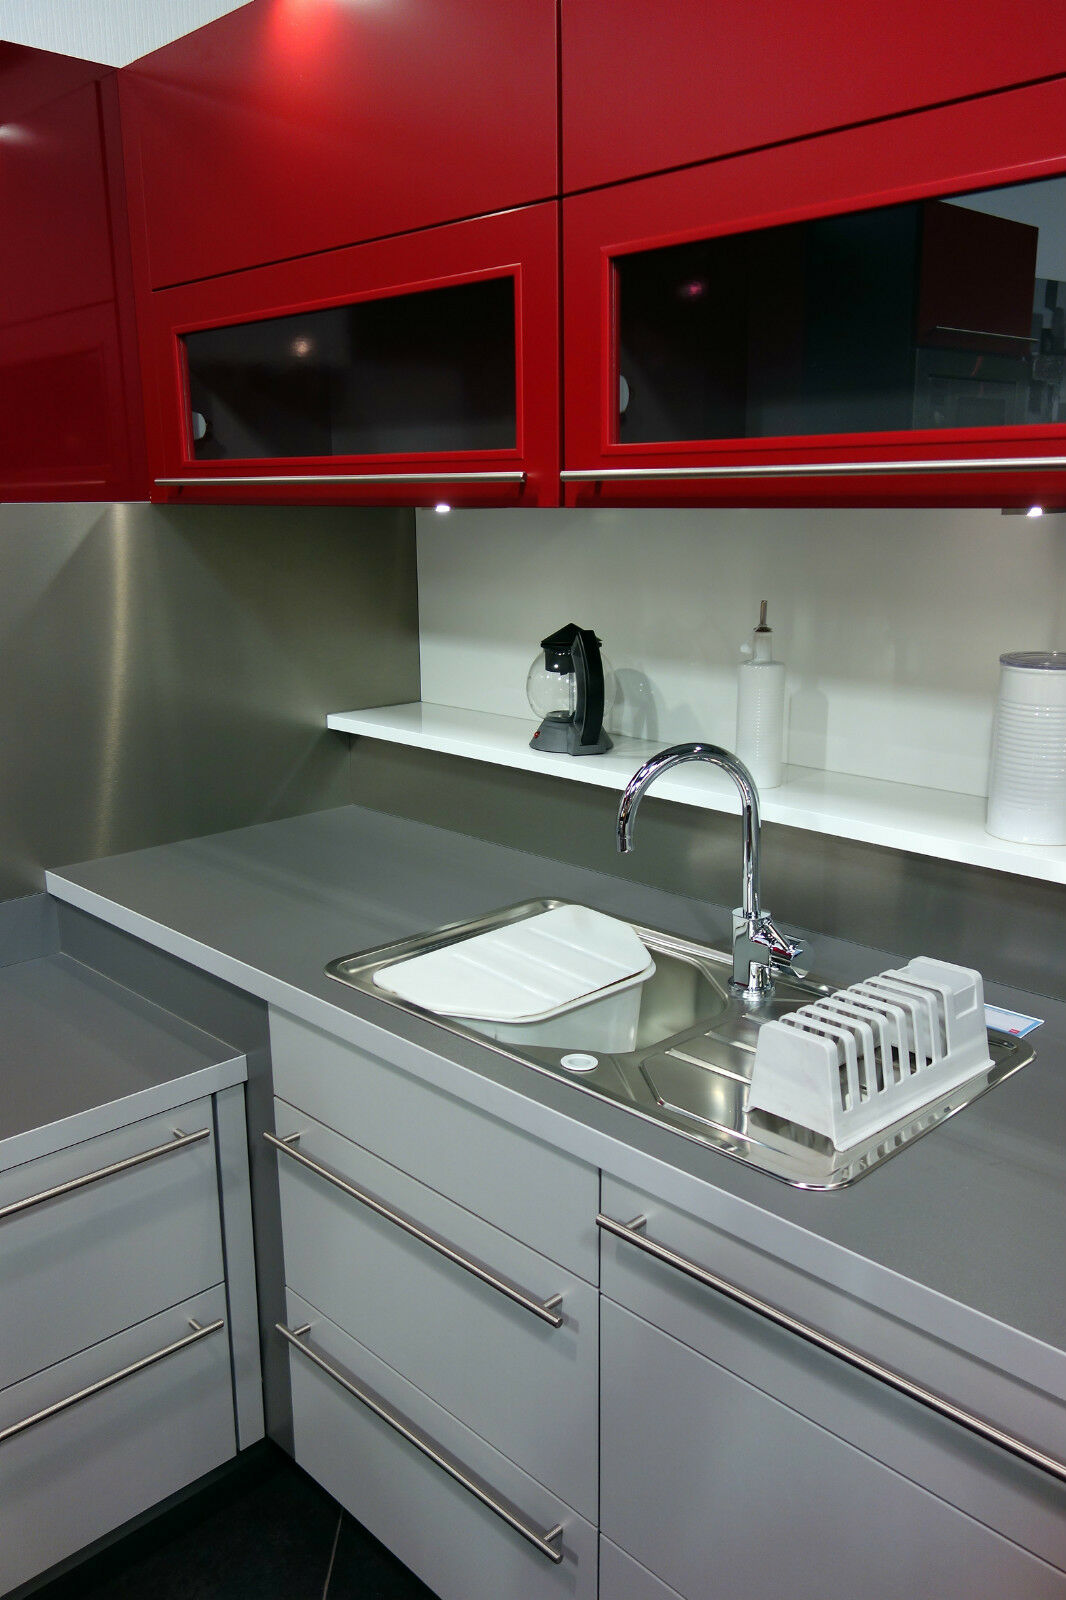 Küchen Griffe Modern. Mülltonne Küche Ikea 2011 Polizeieinsatz 2017 ...